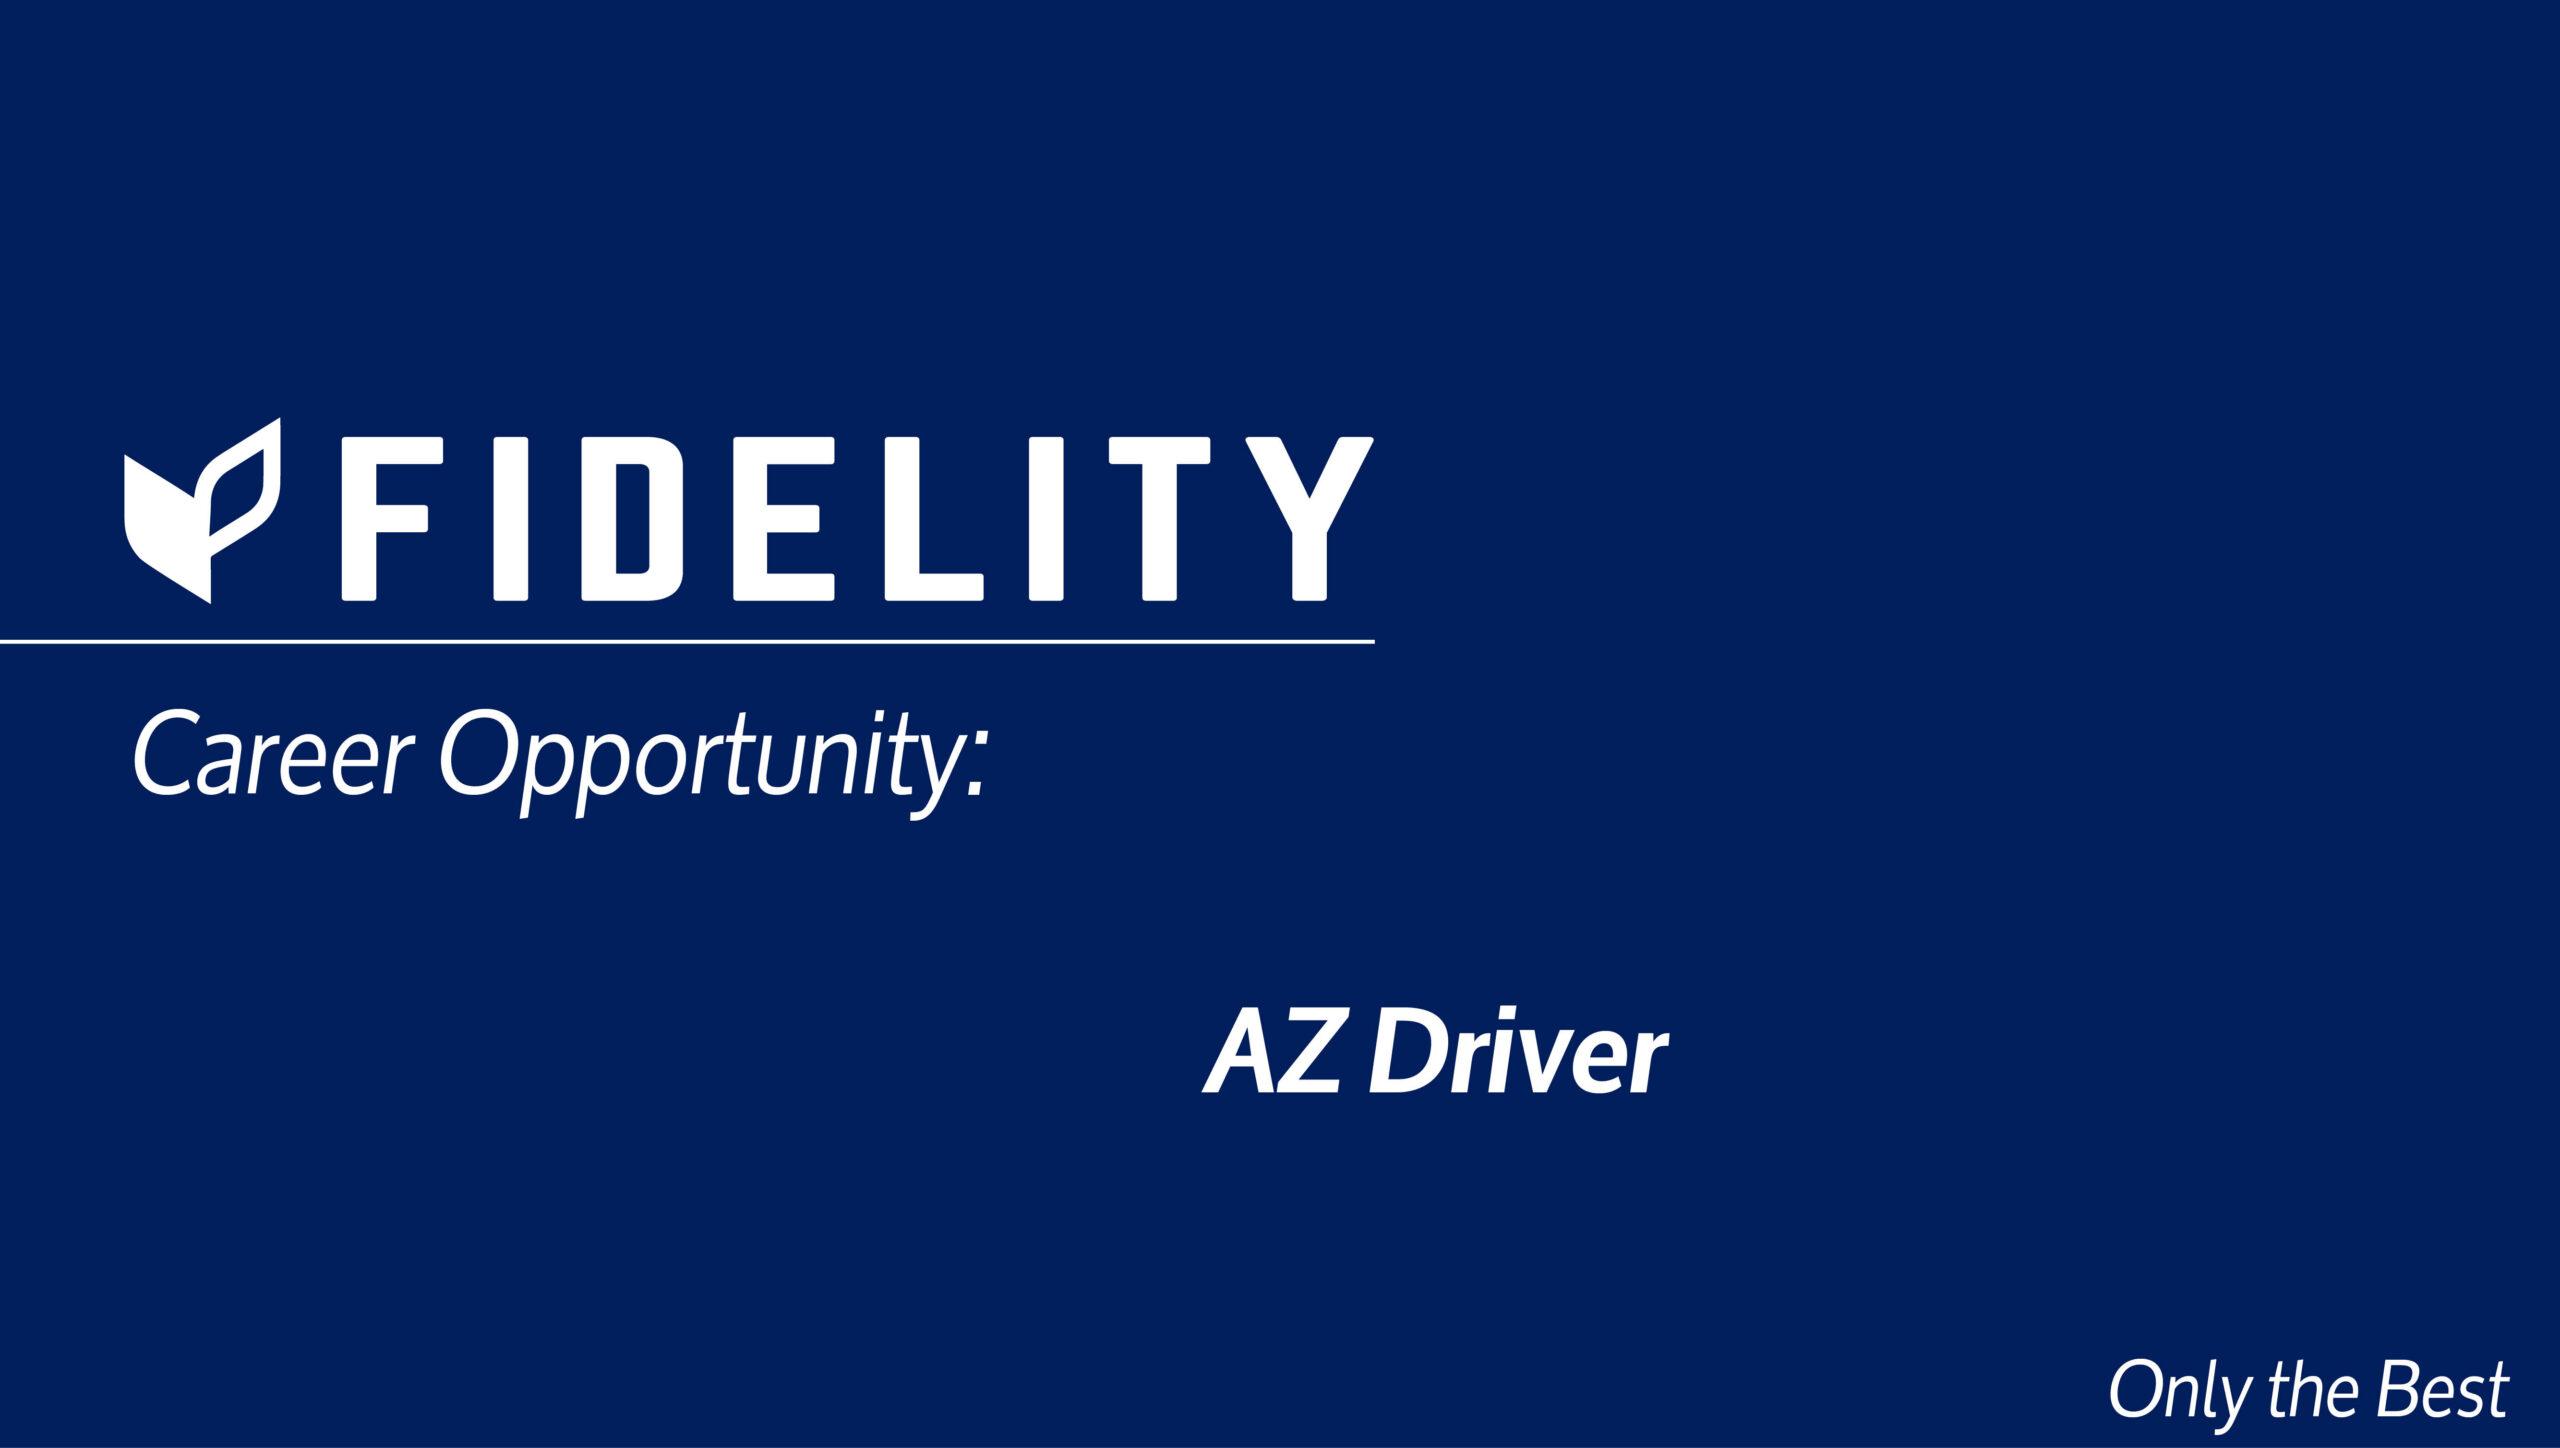 Career Opportunity: AZ Driver